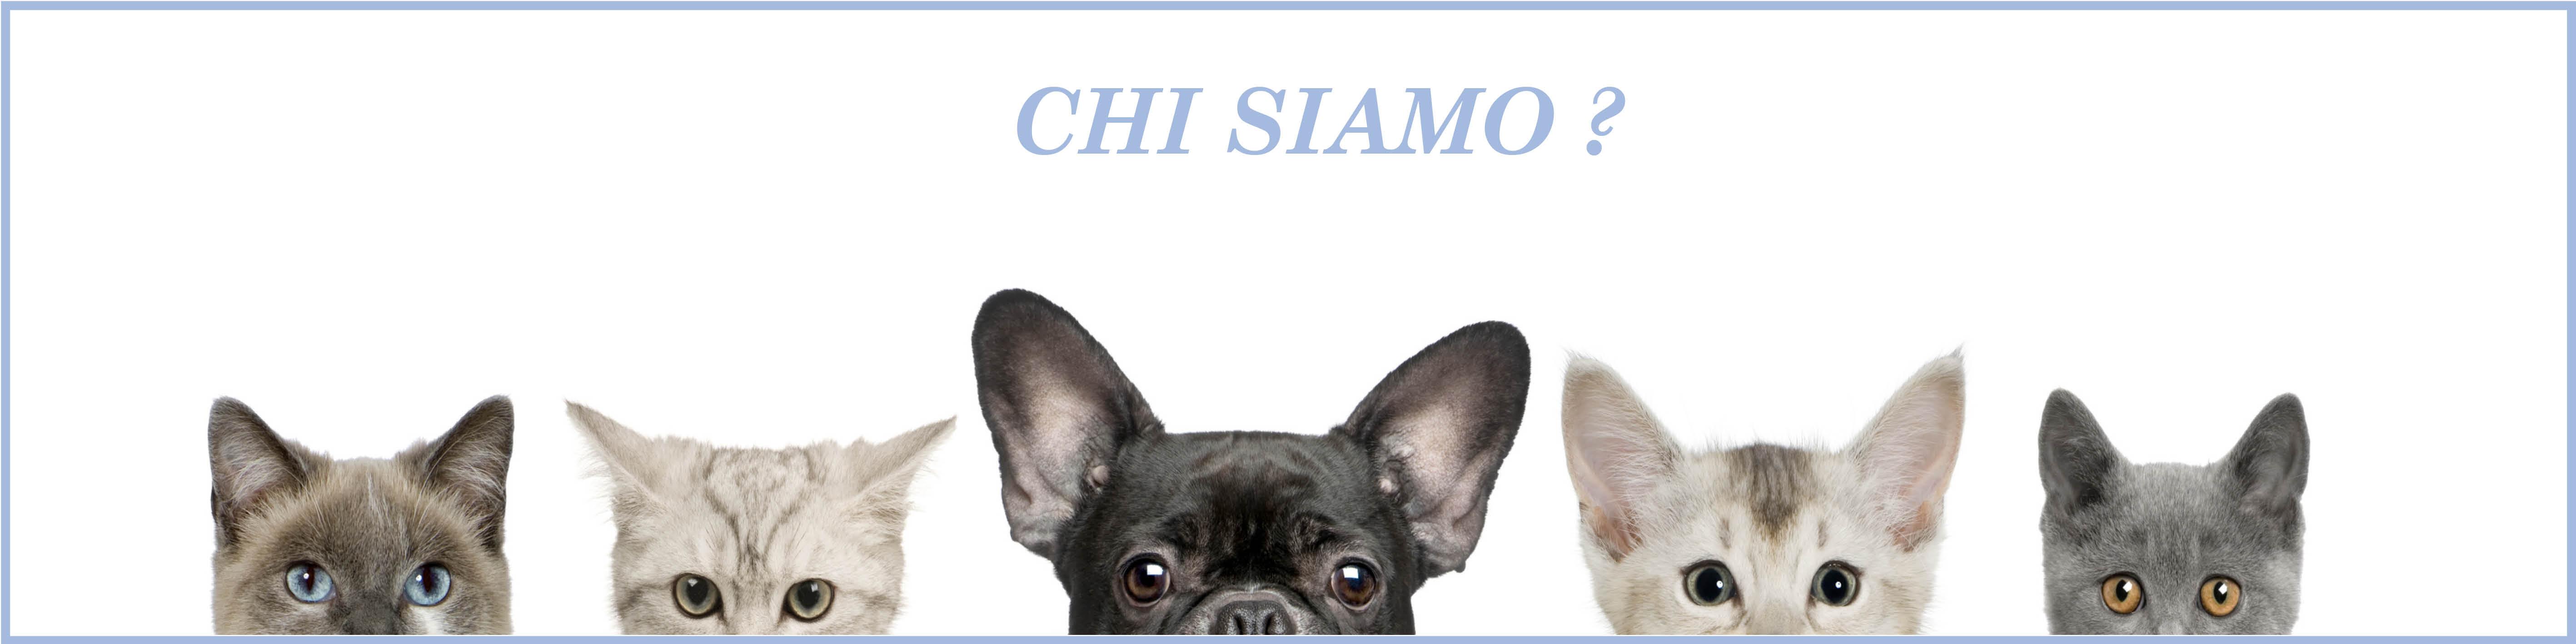 Assicurazioni animali domestici : Chi siamo ?